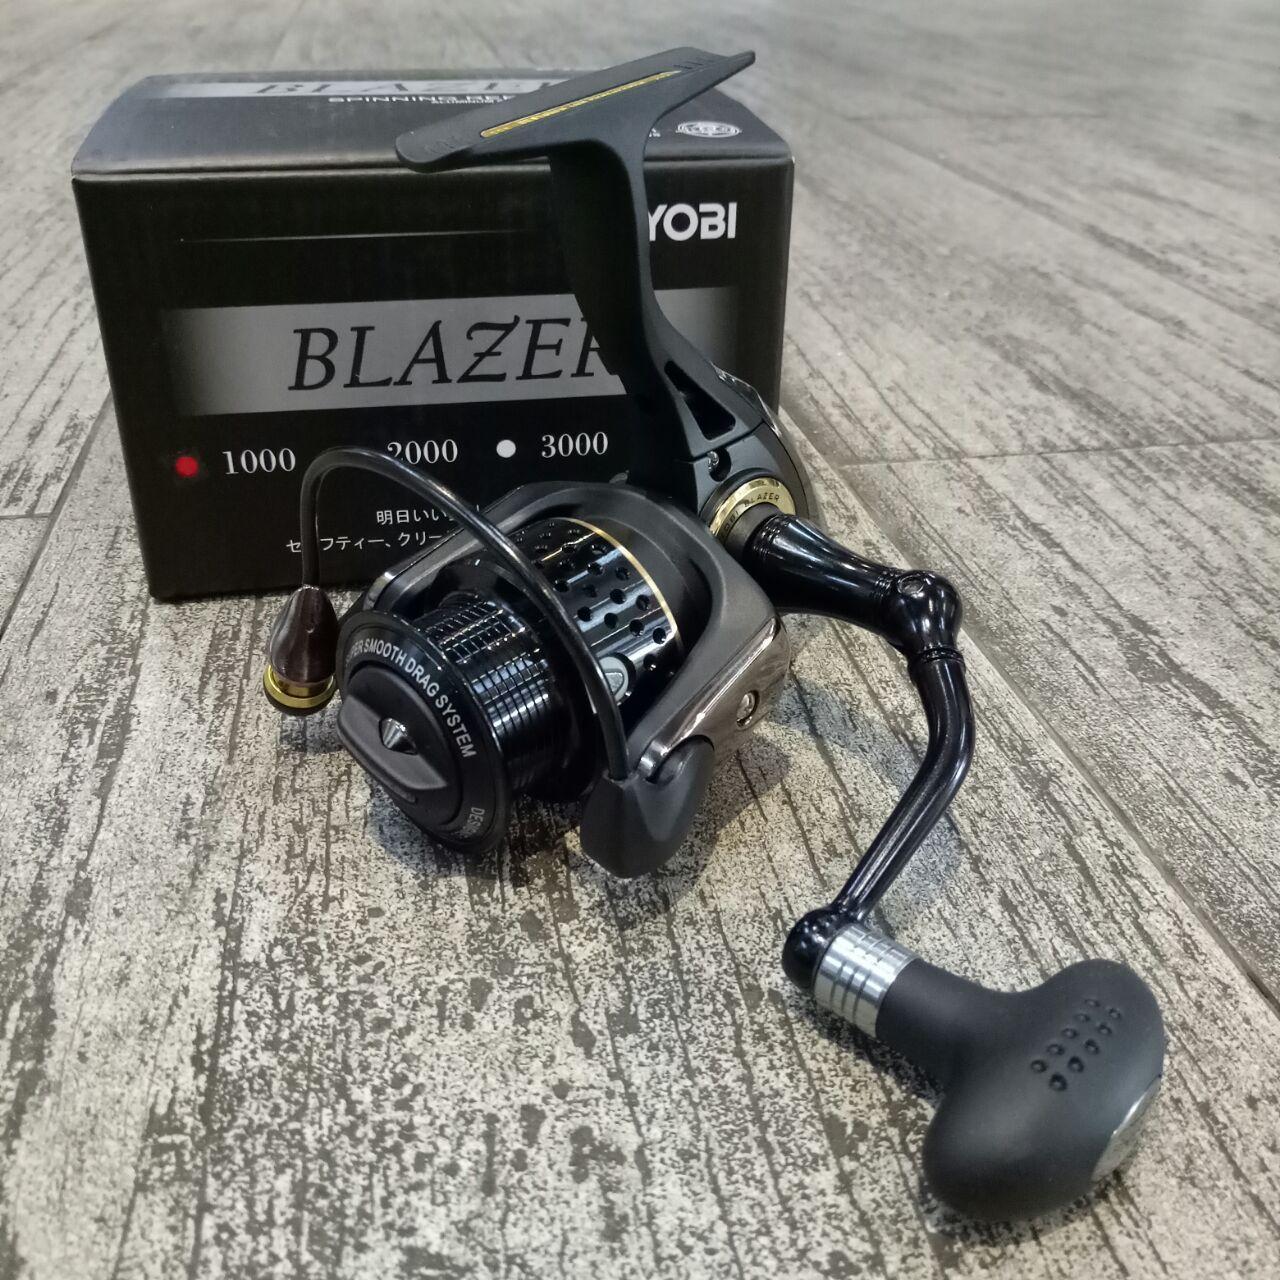 Reel Pancing Ryobi Blazer 4000 8 Ball Bearing